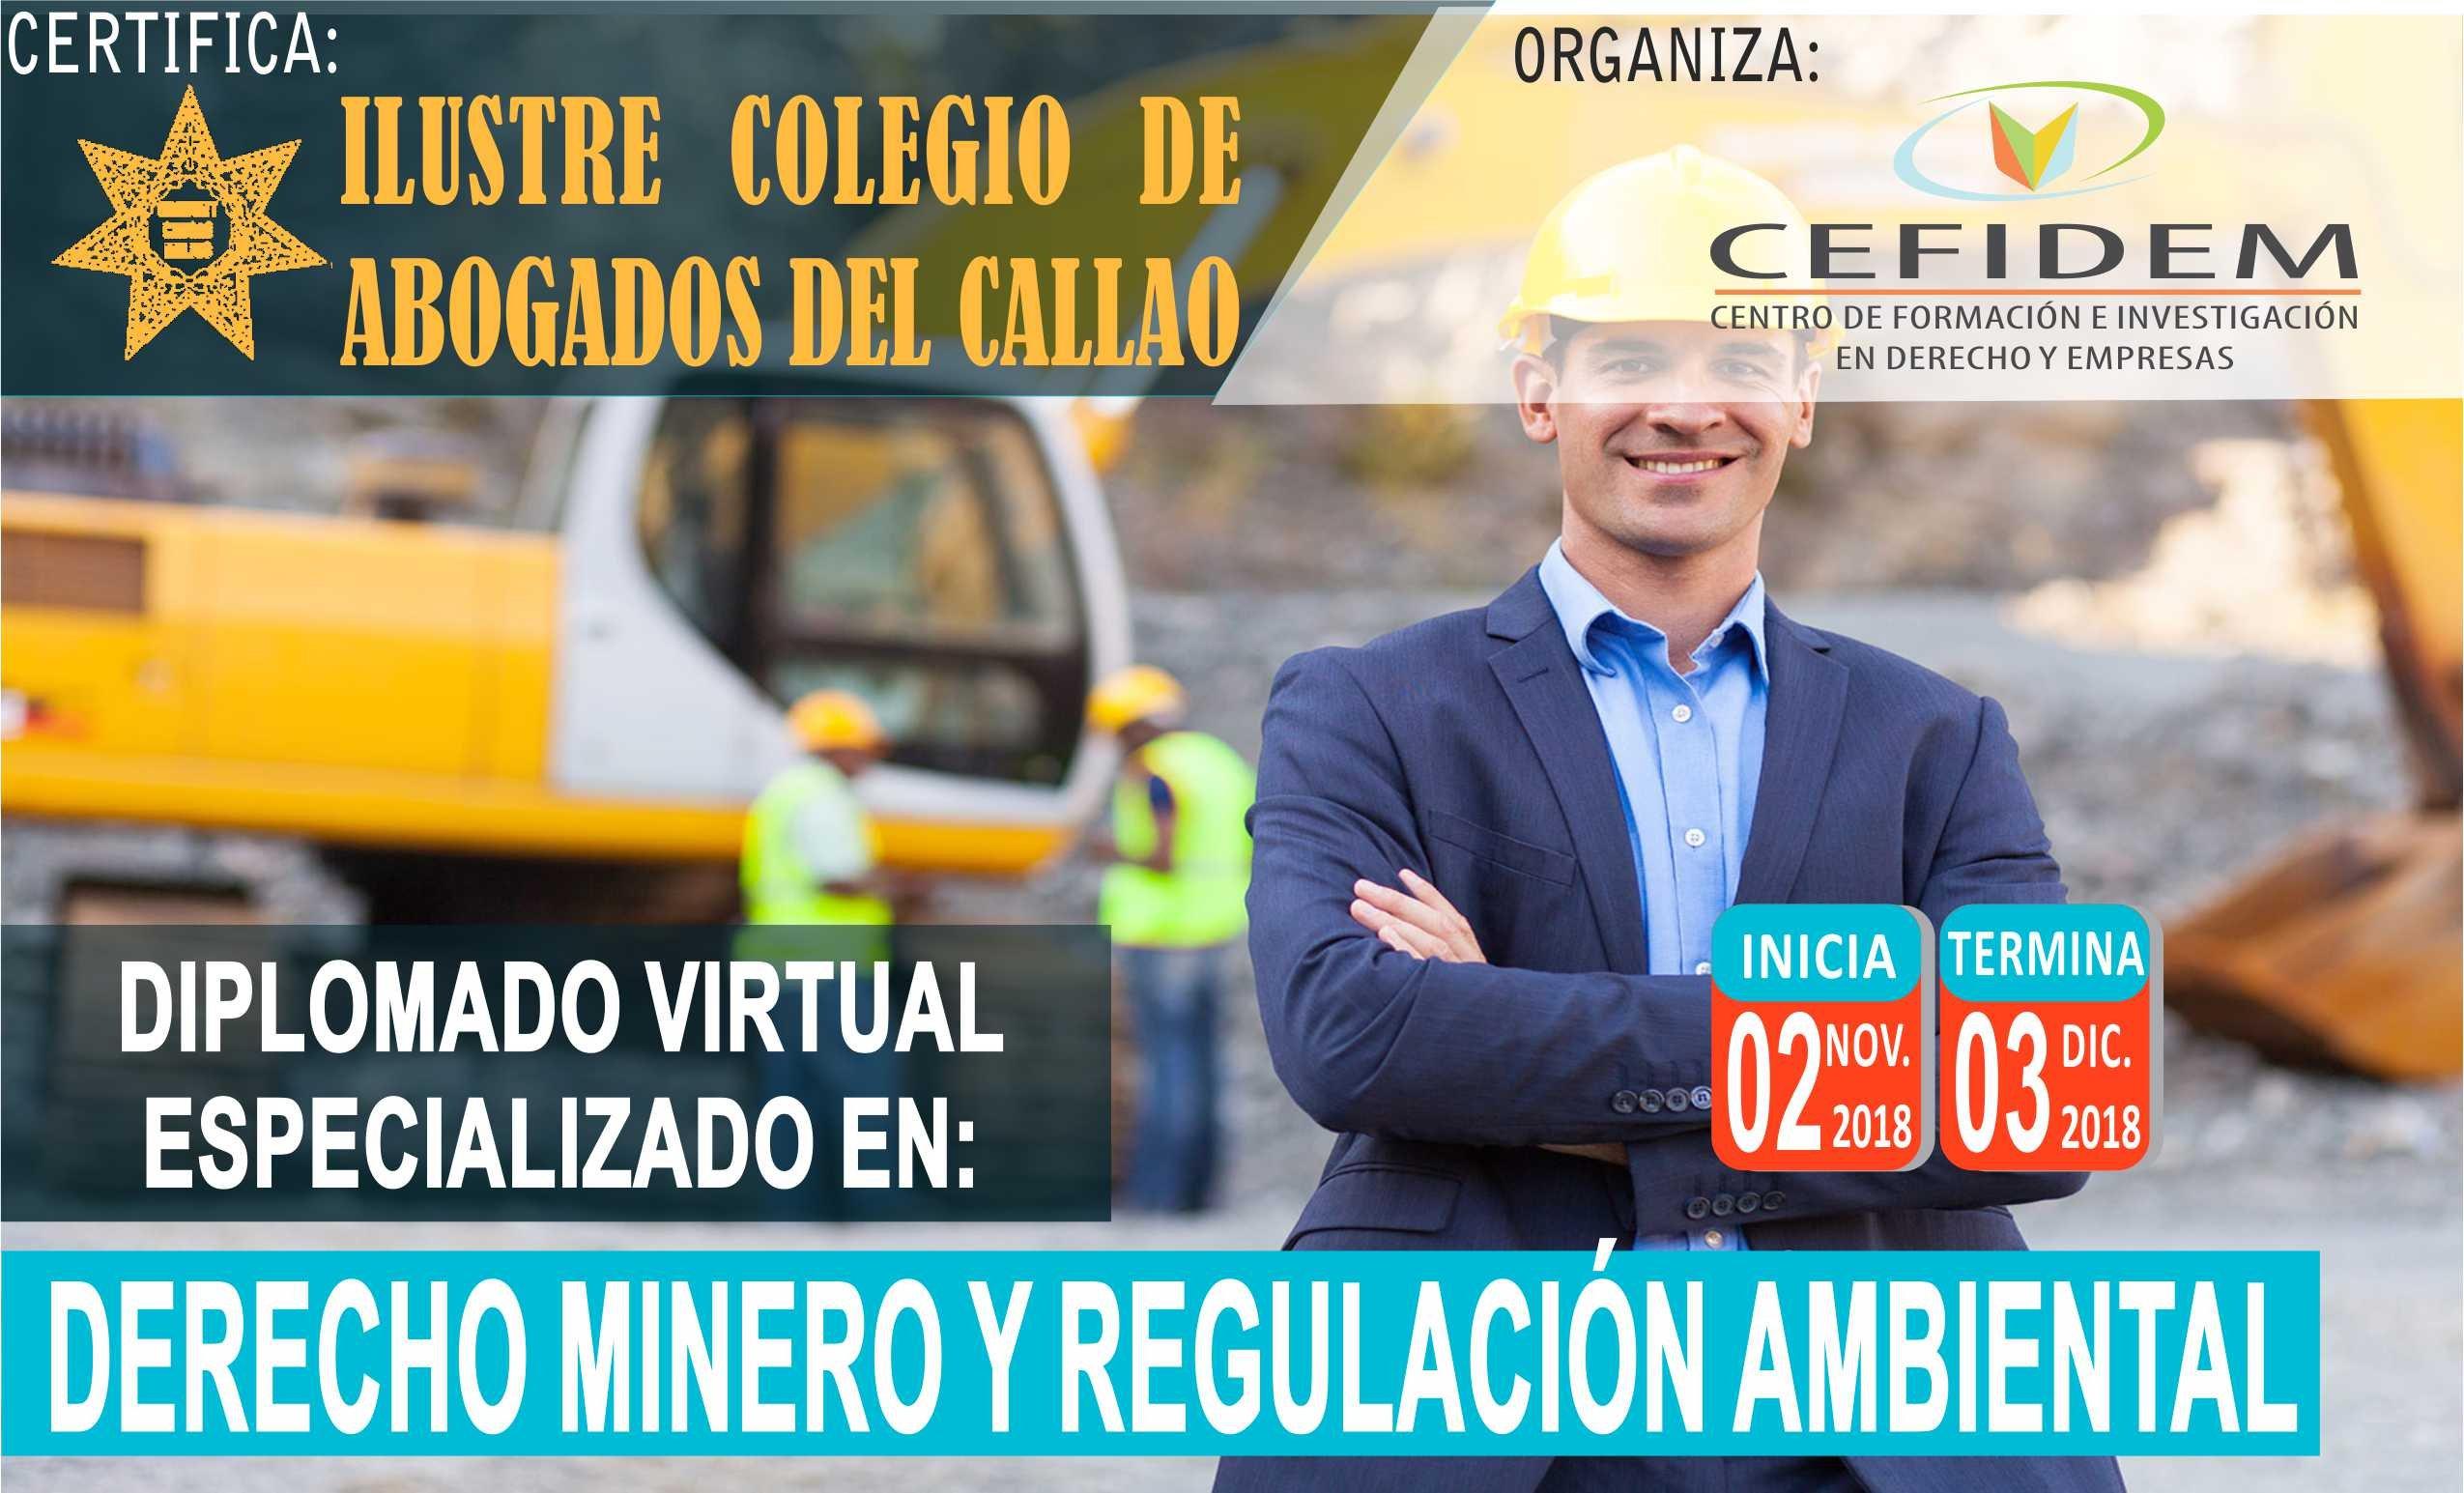 DIPLOMADO VIRTUAL EN DERECHO MINERO Y REGULACIÓN AMBIENTAL (02/11/18)